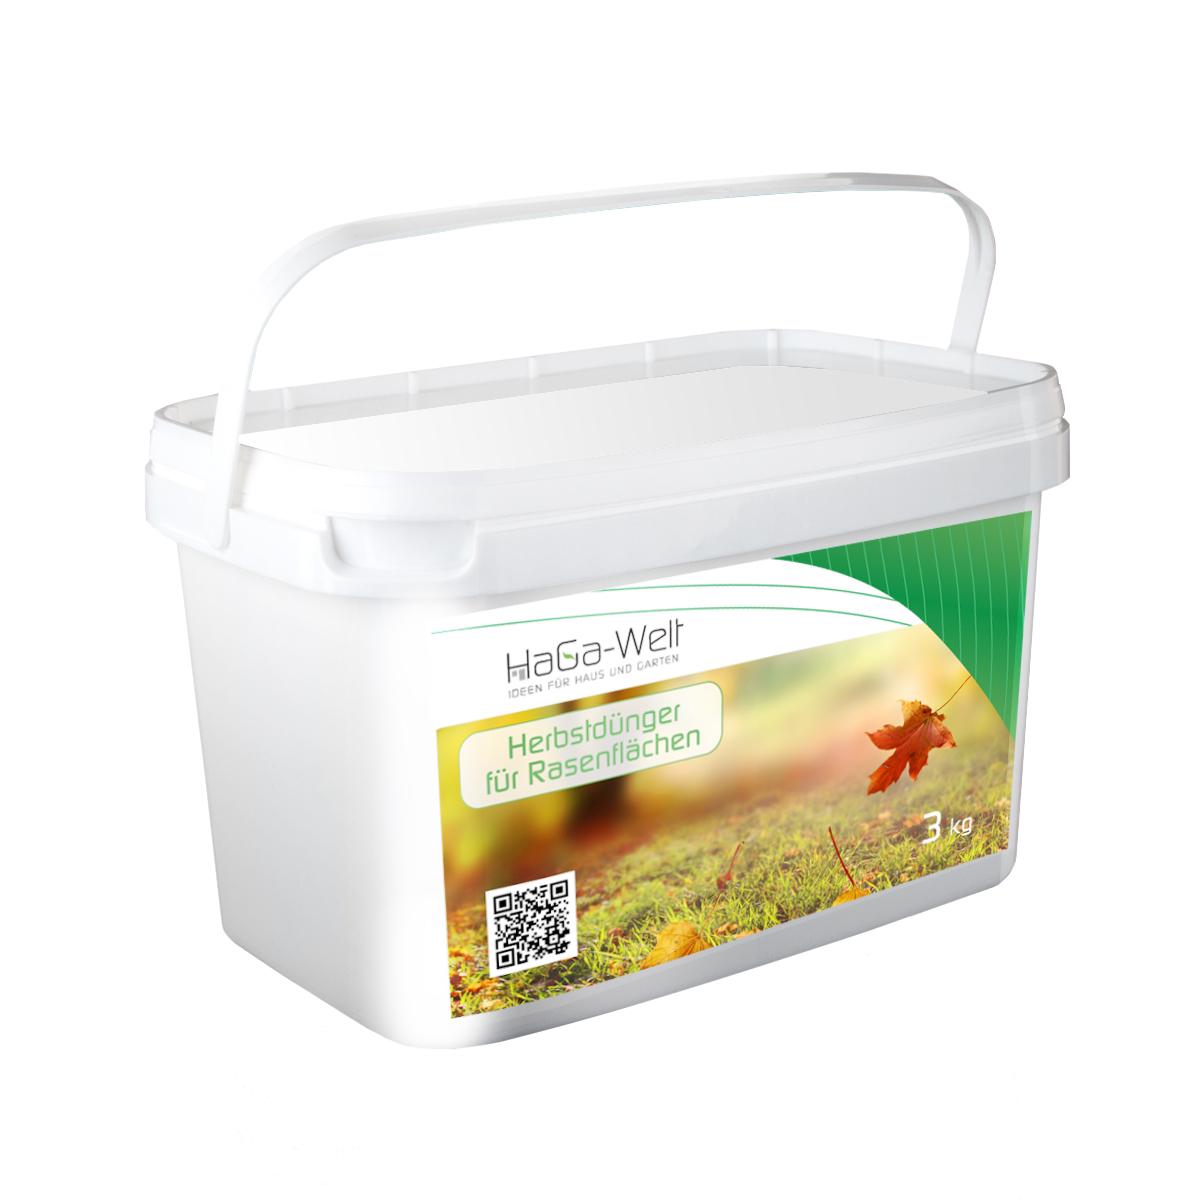 Herbstdünger für Rasenflächen Rasendünger Mineraldünger Dünger 3kg